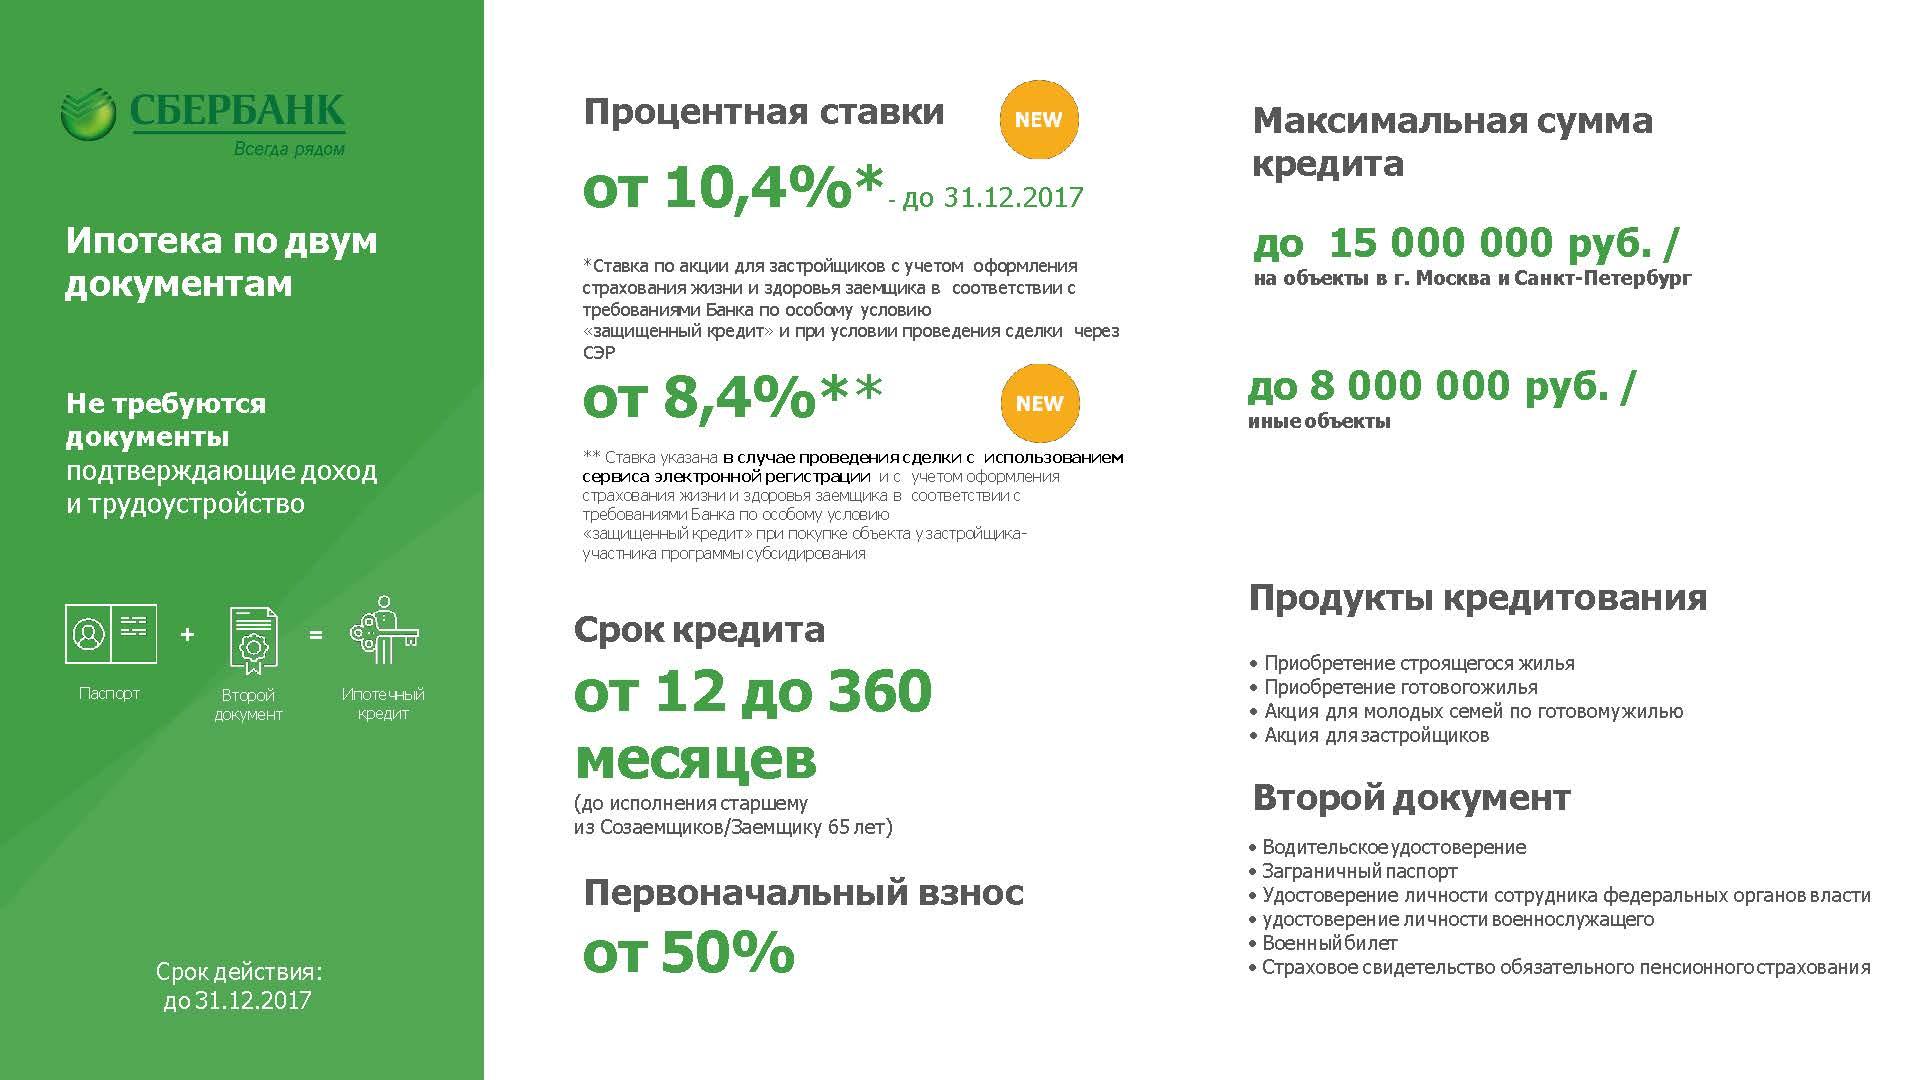 сбербанк ипотека условия страхования цели